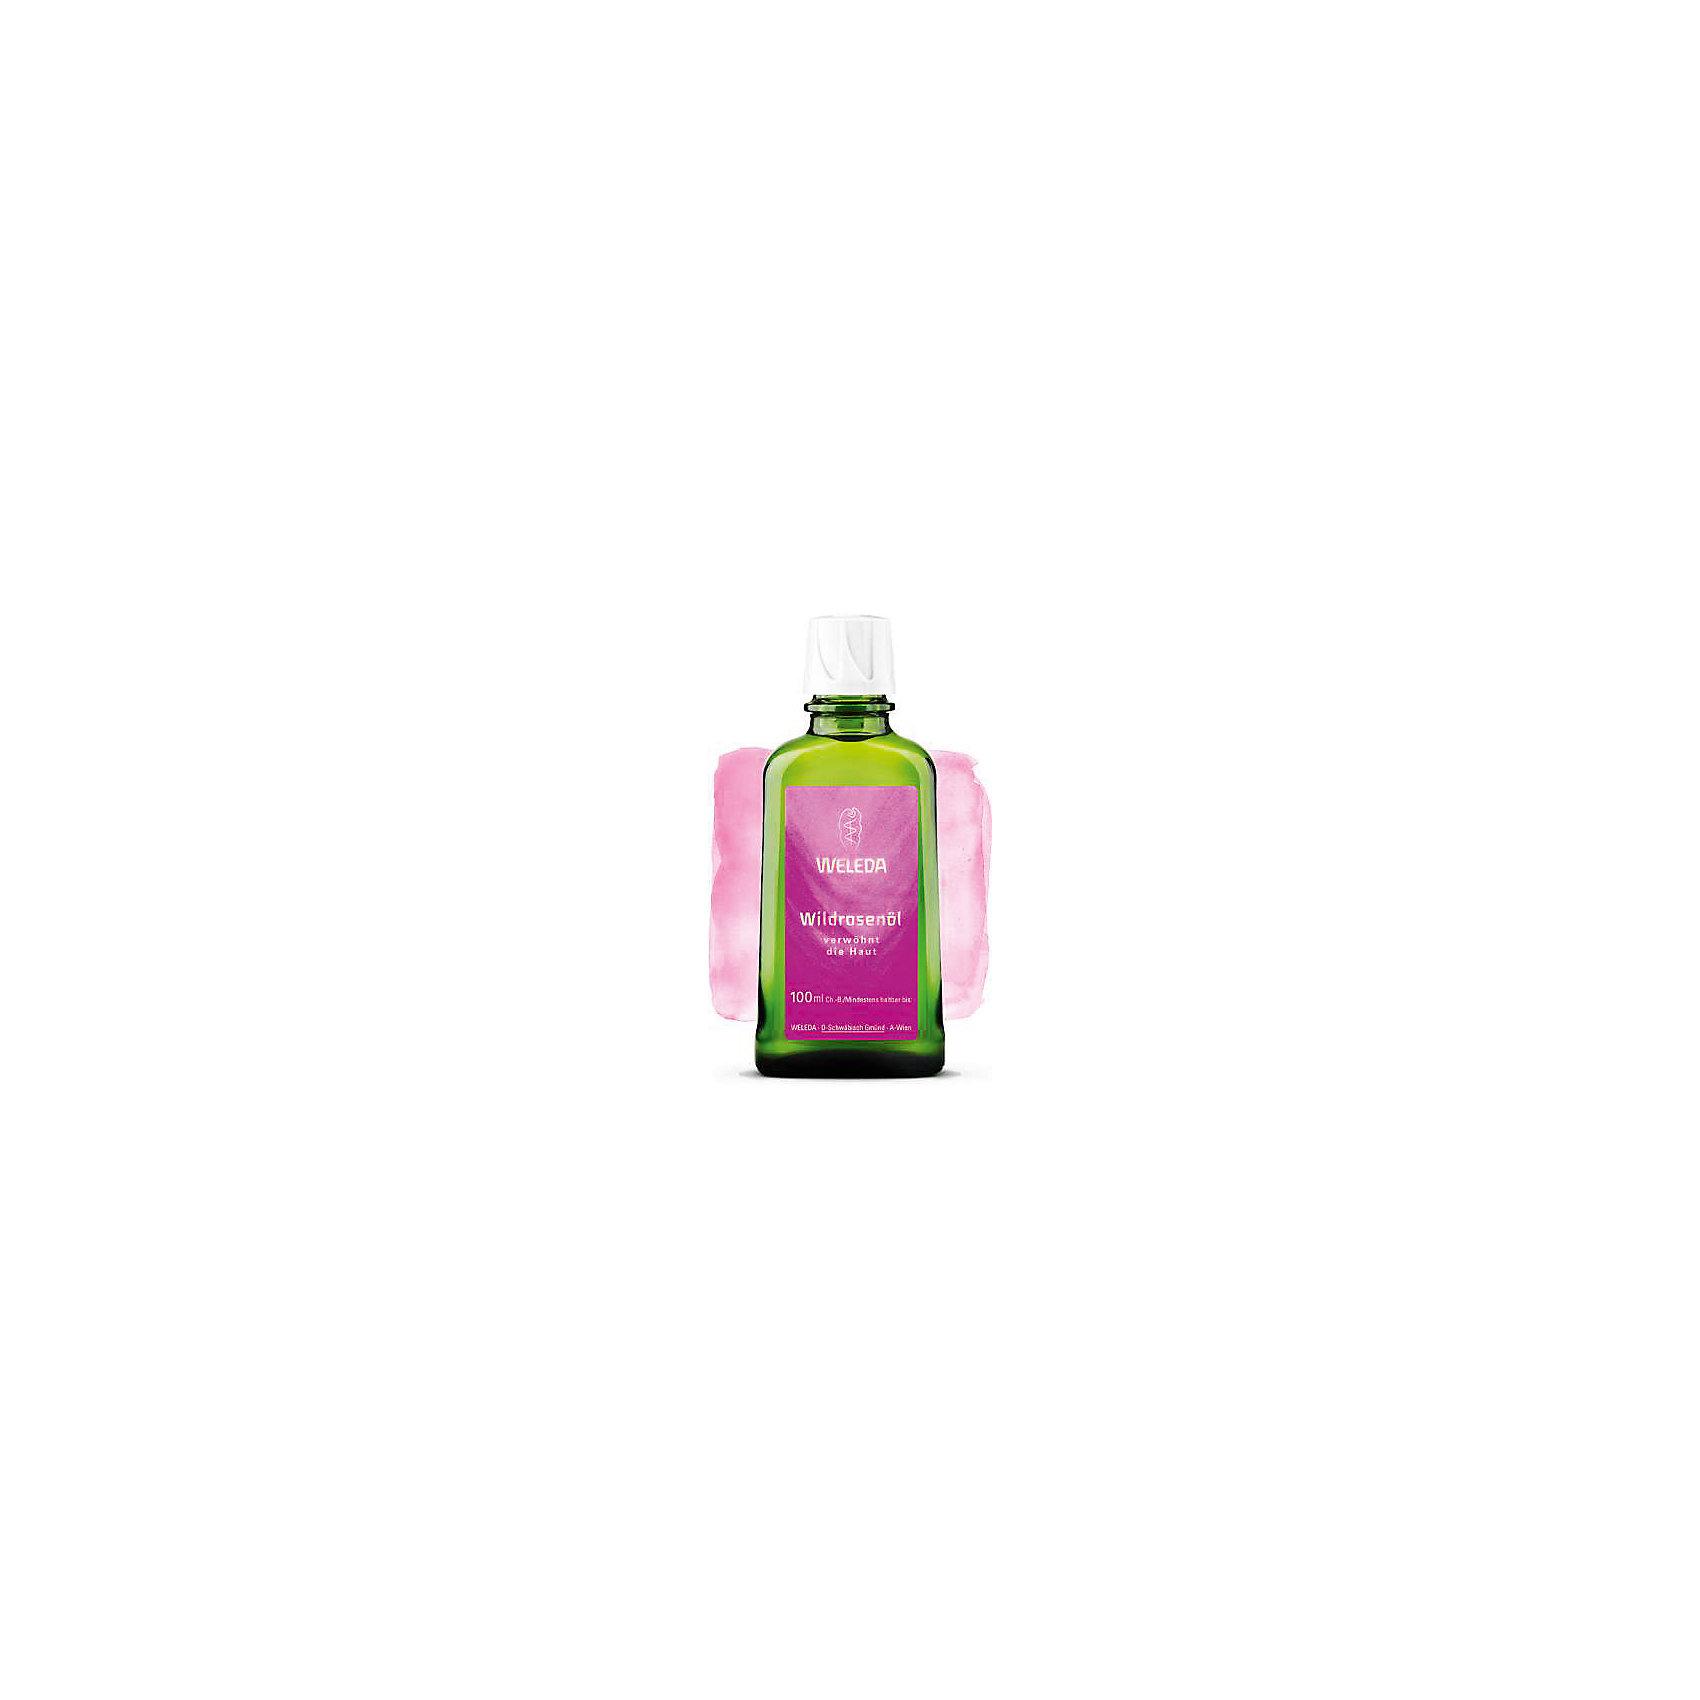 Масло дикой розы 100мл, WeledaМасло, лосьон<br>Масло дикой розы 100мл, Weleda <br><br>Характеристики:<br><br>• объём: 100 мл.<br>• особенности: разглаживает и смягчает<br>• состав: Масла жожоба, миндаля, семян розы москета, дамасской розы ароматическая композиция из натуральных эфирных масел, Лимонен*, Линалоол*, Цитронеллол* Бензиловый спирт, Бензилбензоат, Гераниол*, Цитраль*, Эвгенол*, Фарнезол* (*на основе концентрата натуральных масел)<br>• для мам<br>• страна производитель: Германия<br><br>Более 75 лет швейцарская компания натуральной косметики Weleda (Веледа) заботится о малышах, будущих мамах и природе. Масло розы Weleda (Веледа) – это чистая, натуральная формула, которая смягчает клетки кожи и активизирует их работу, разглаживая кожу и делая ее более упругой. Средства с розой лидируют в категории ухода и контроля появления первых признаков старения, а ароматные эфирные масла придают маслу нежный запах. <br><br>Натуральные компоненты благотворно воздействуют на кожу, подтягивая её при ежедневном использовании. Природные компоненты состава масла не провоцируют аллергию, его формула проверена дерматологами и не провоцирует раздражения. Специальный флакон из непрозрачного стекла сохраняет свойства масла, а углубления на флаконе предотвращают выскальзывание из рук. Флакон оснащен практичным дозатором. Ощутите бережную заботу с серией масел от Weleda (Веледа)!<br><br>Масло дикой розы 100мл, Weleda можно купить в нашем интернет-магазине.<br><br>Ширина мм: 250<br>Глубина мм: 100<br>Высота мм: 250<br>Вес г: 100<br>Возраст от месяцев: 216<br>Возраст до месяцев: 1188<br>Пол: Женский<br>Возраст: Детский<br>SKU: 5414508